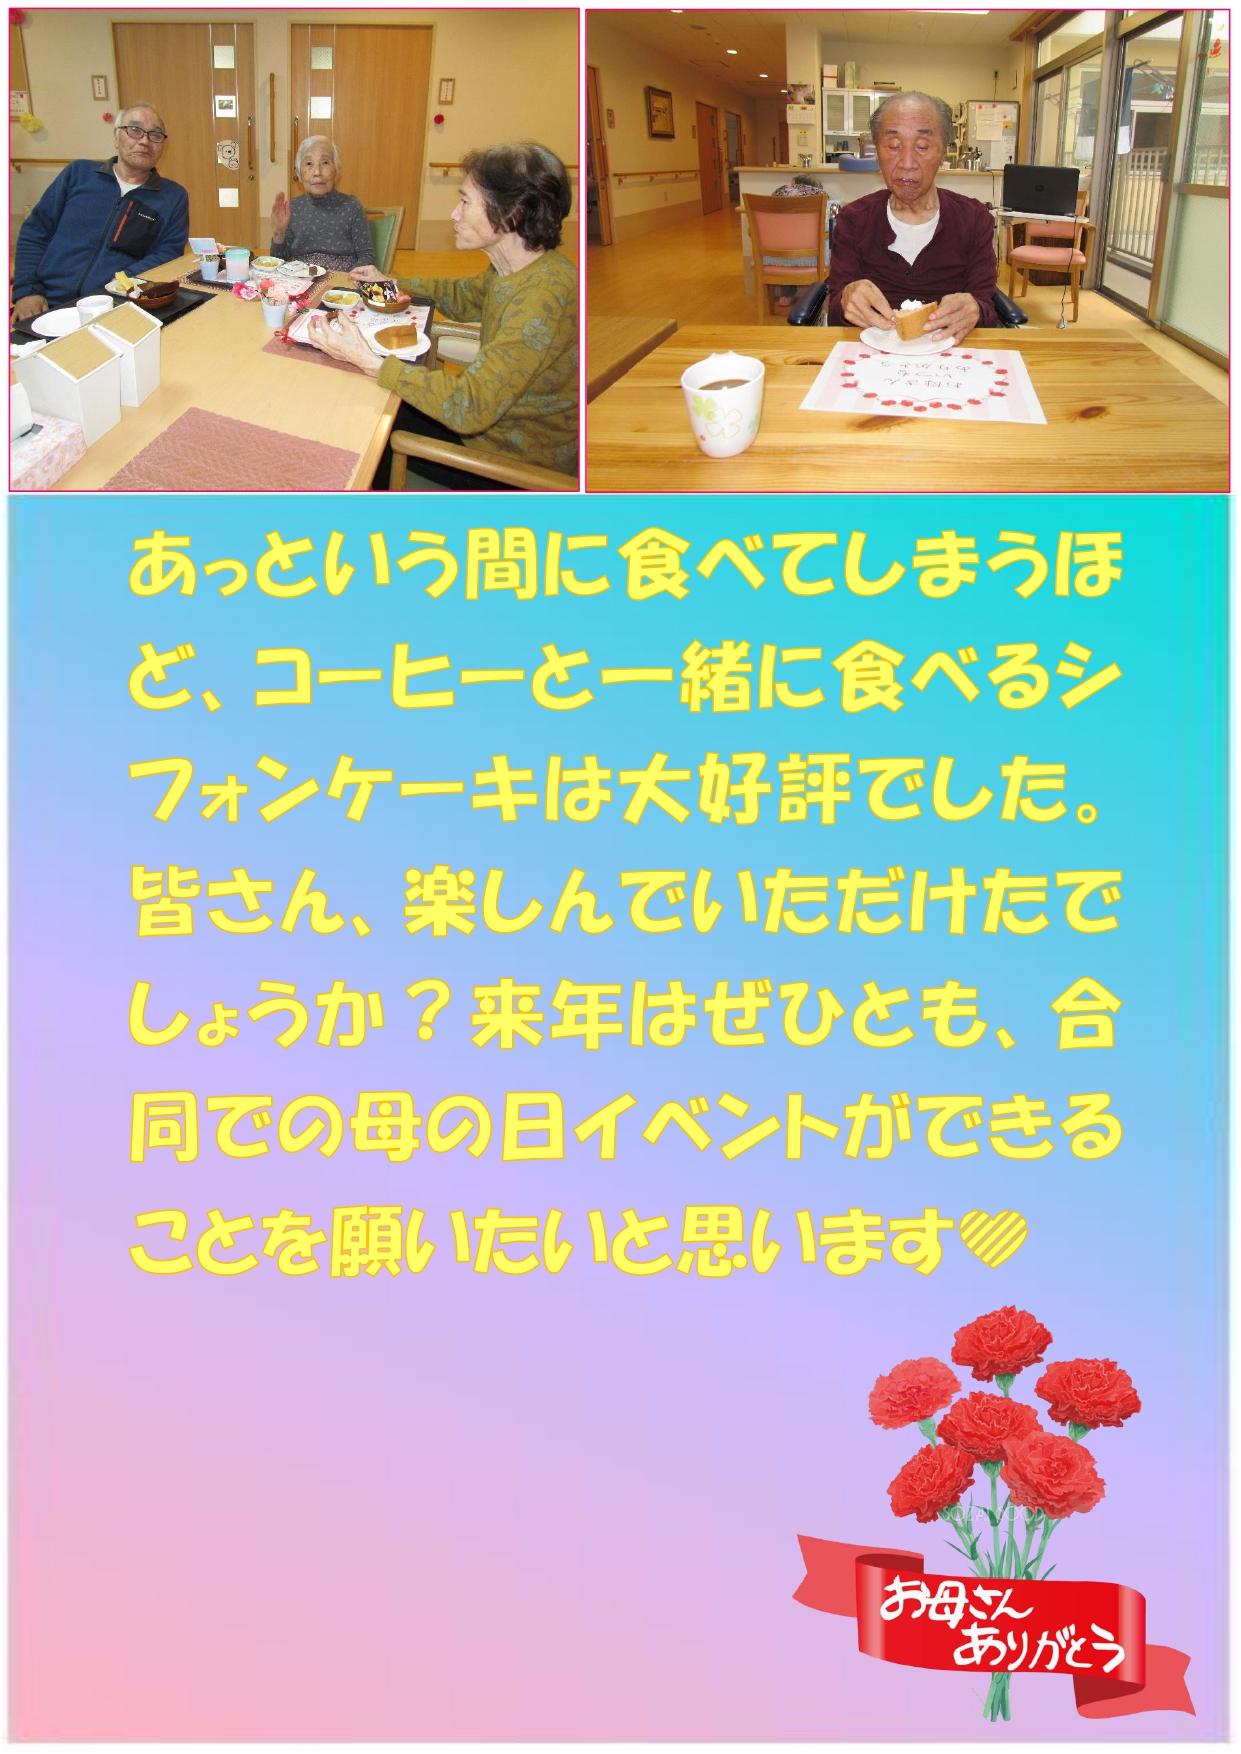 母の日ブログ-1_page-0006